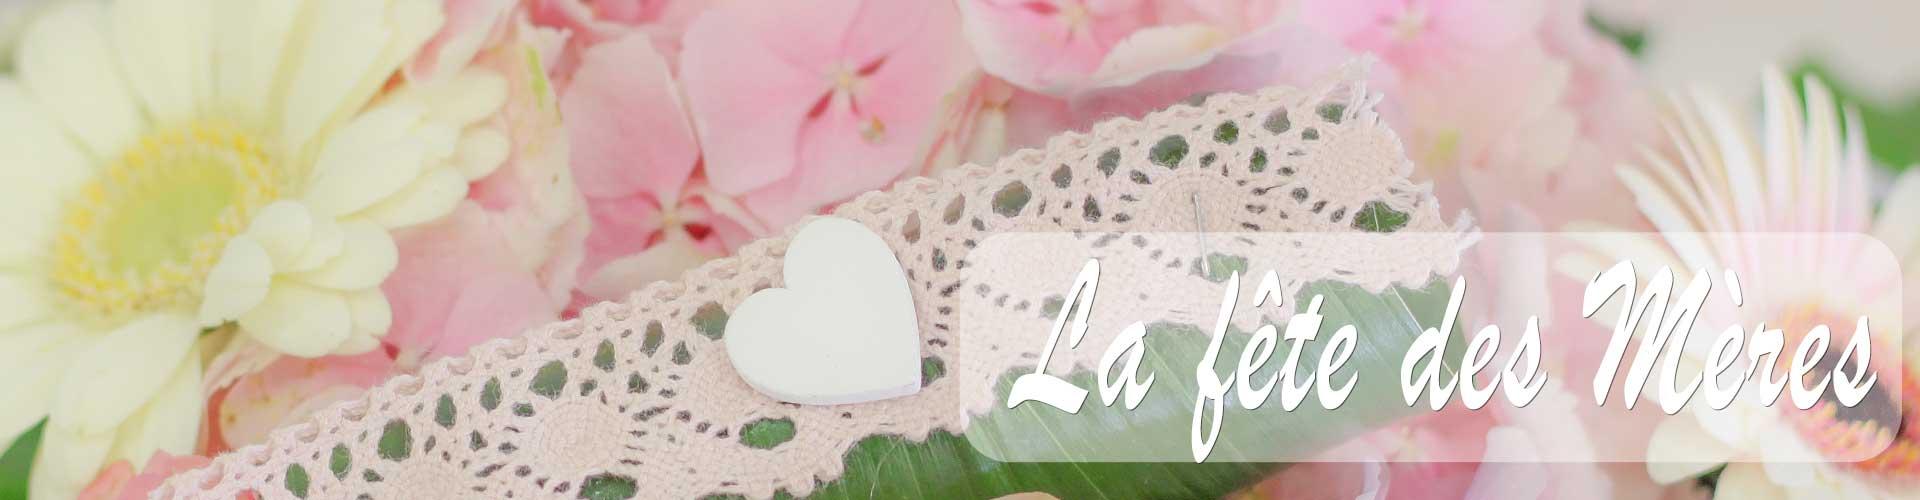 Nos Créations Florales Pour La Fête Des Mères En Images